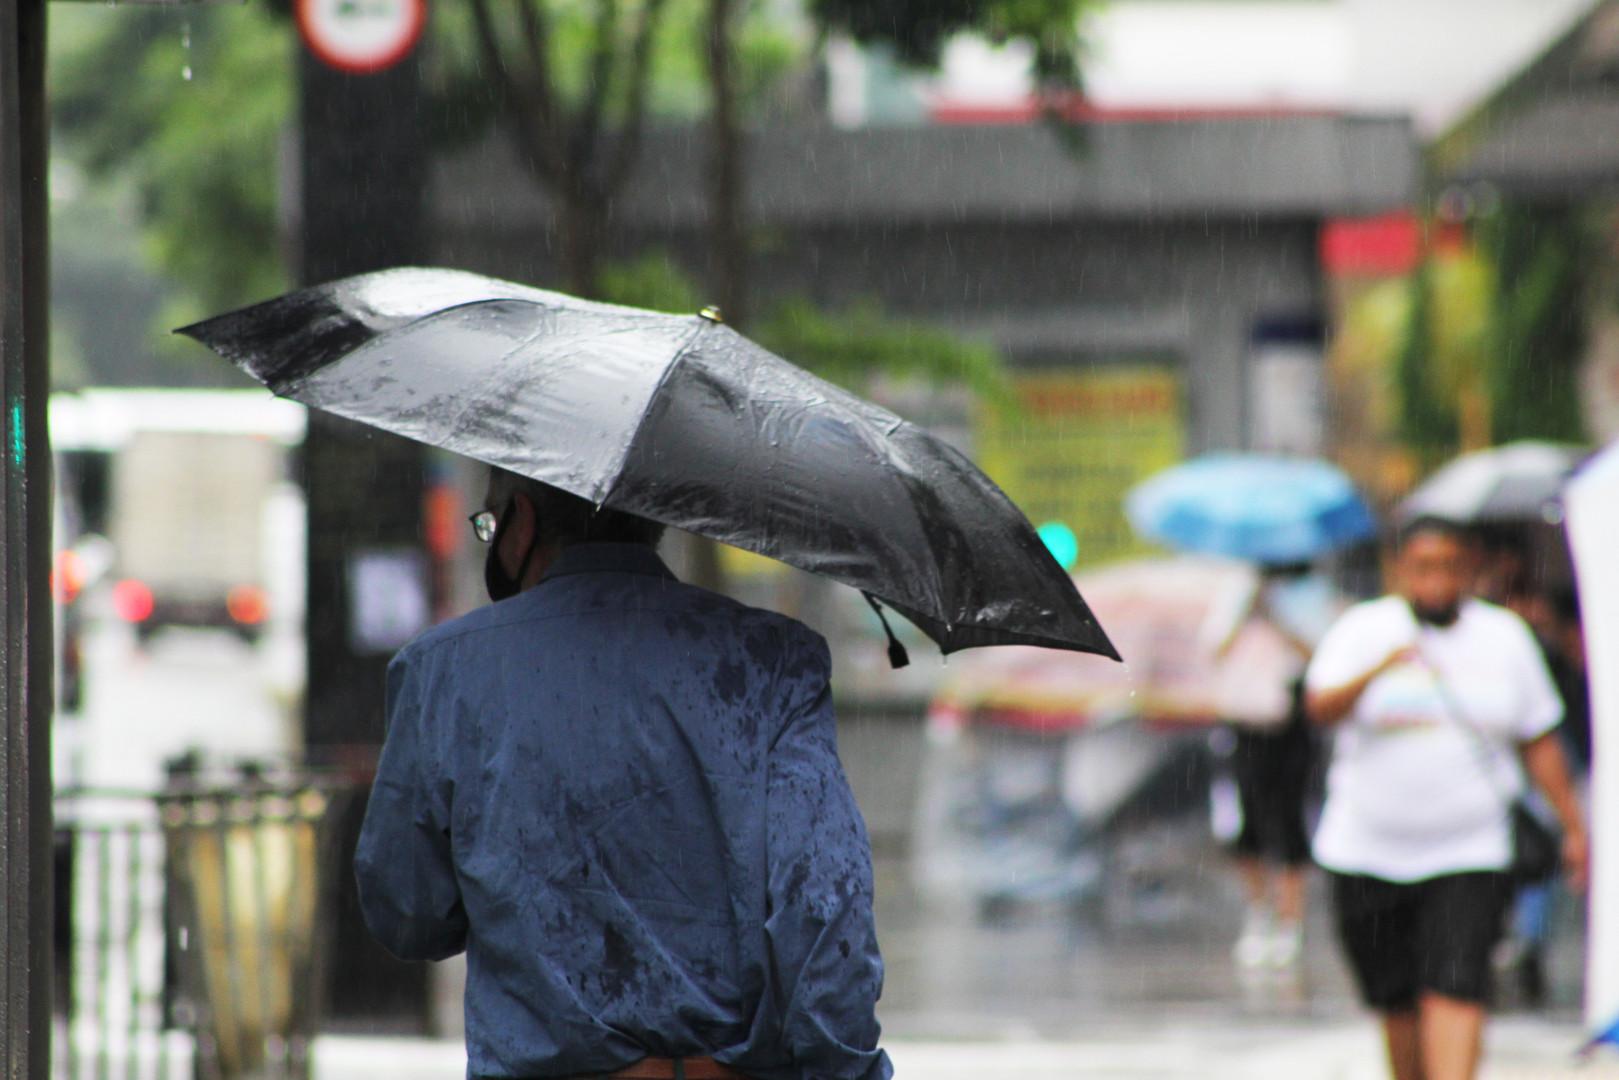 Pedestre trafega em calçada - Av Paulista